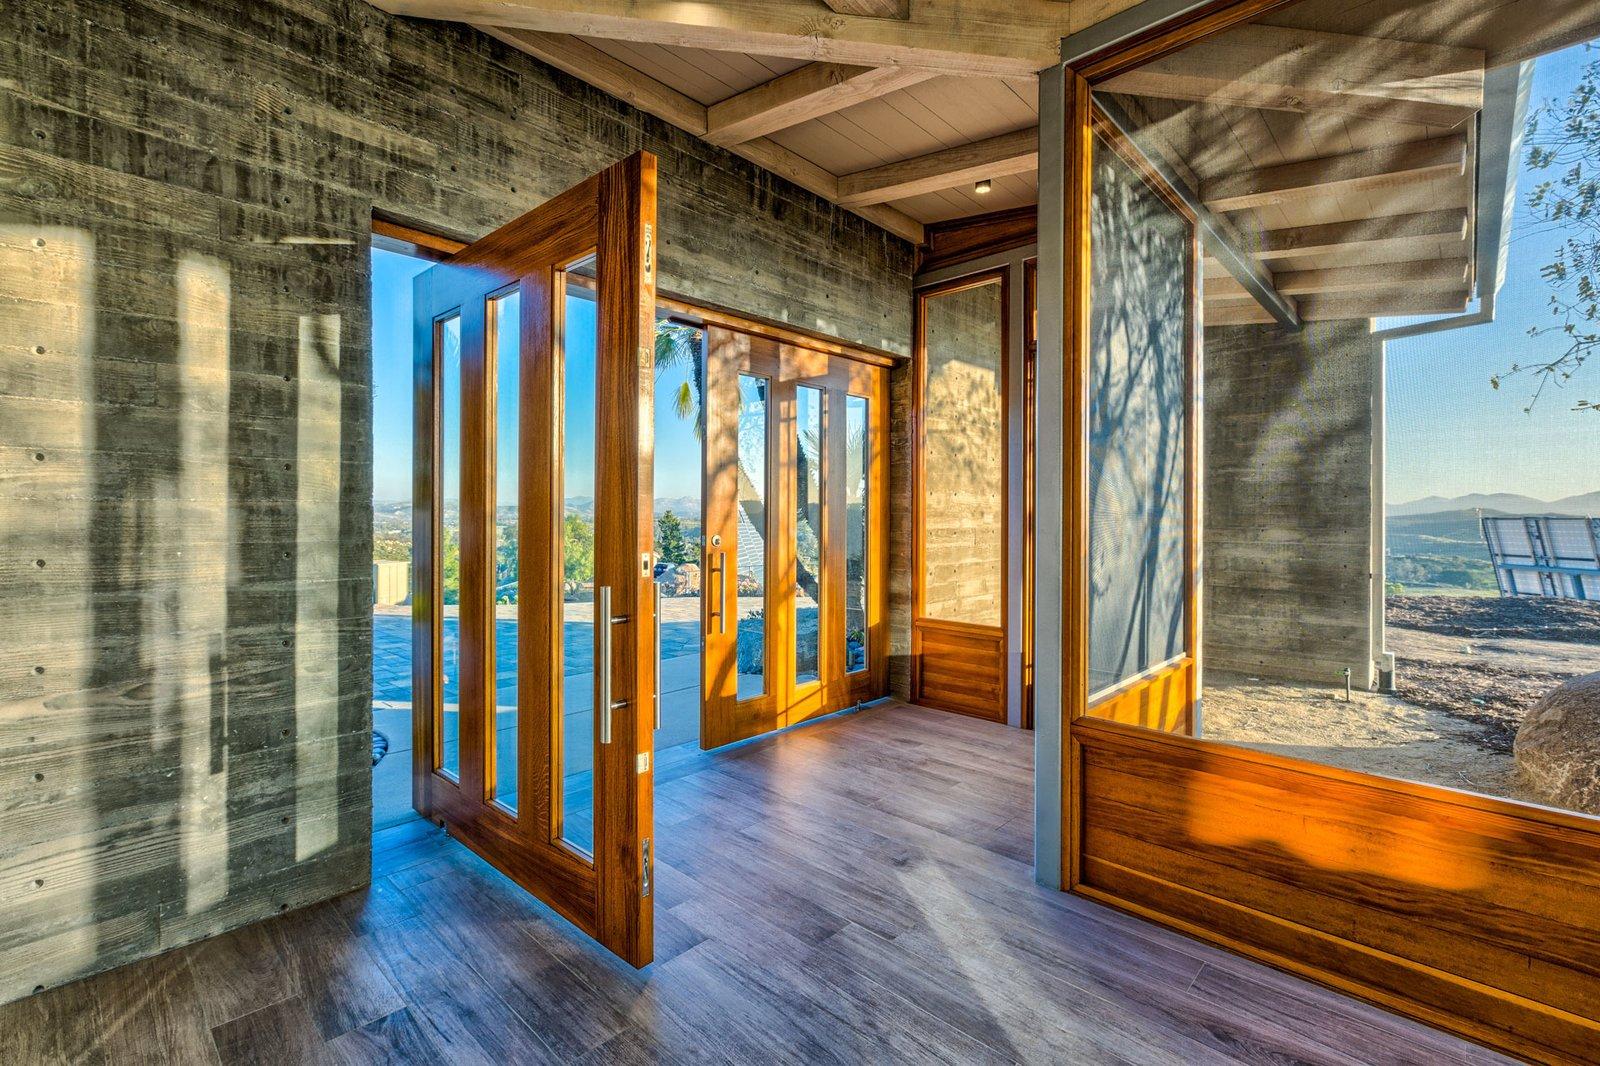 Casa Aguila Entrance  Casa Aguila by Maureen Brennan